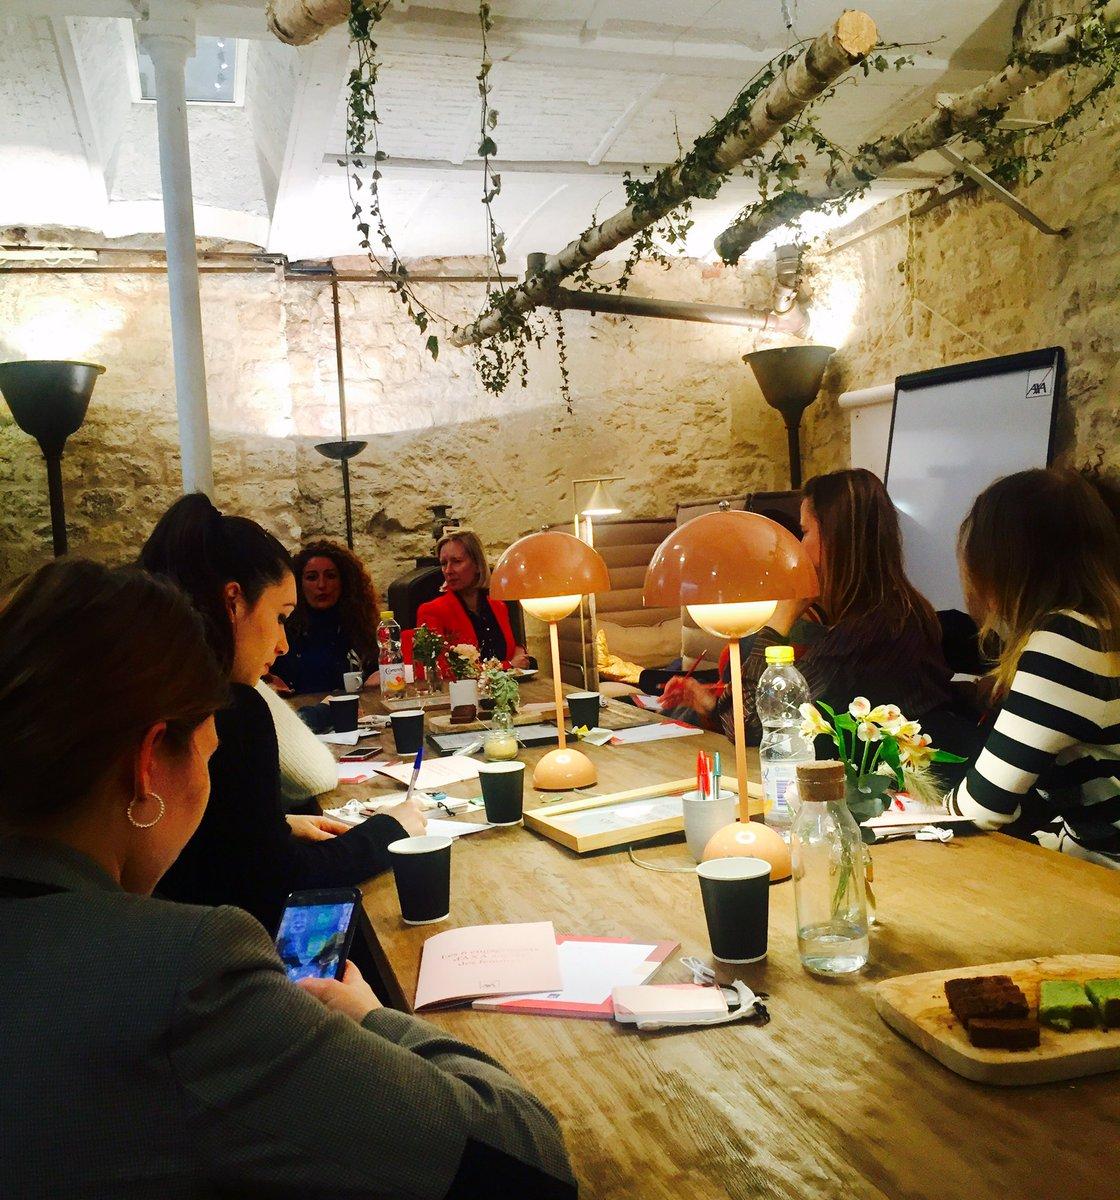 """#AXAaimeMona   En live de l'office #AXA pour le #TeaTalk avec @MC_Plessix et @Alice_zag : """"Gérer ses finances sans peur et sans reproche"""" #MonabyMyLittleParis  #inspiration #intuitionpic.twitter.com/LtfaA5G8bU"""